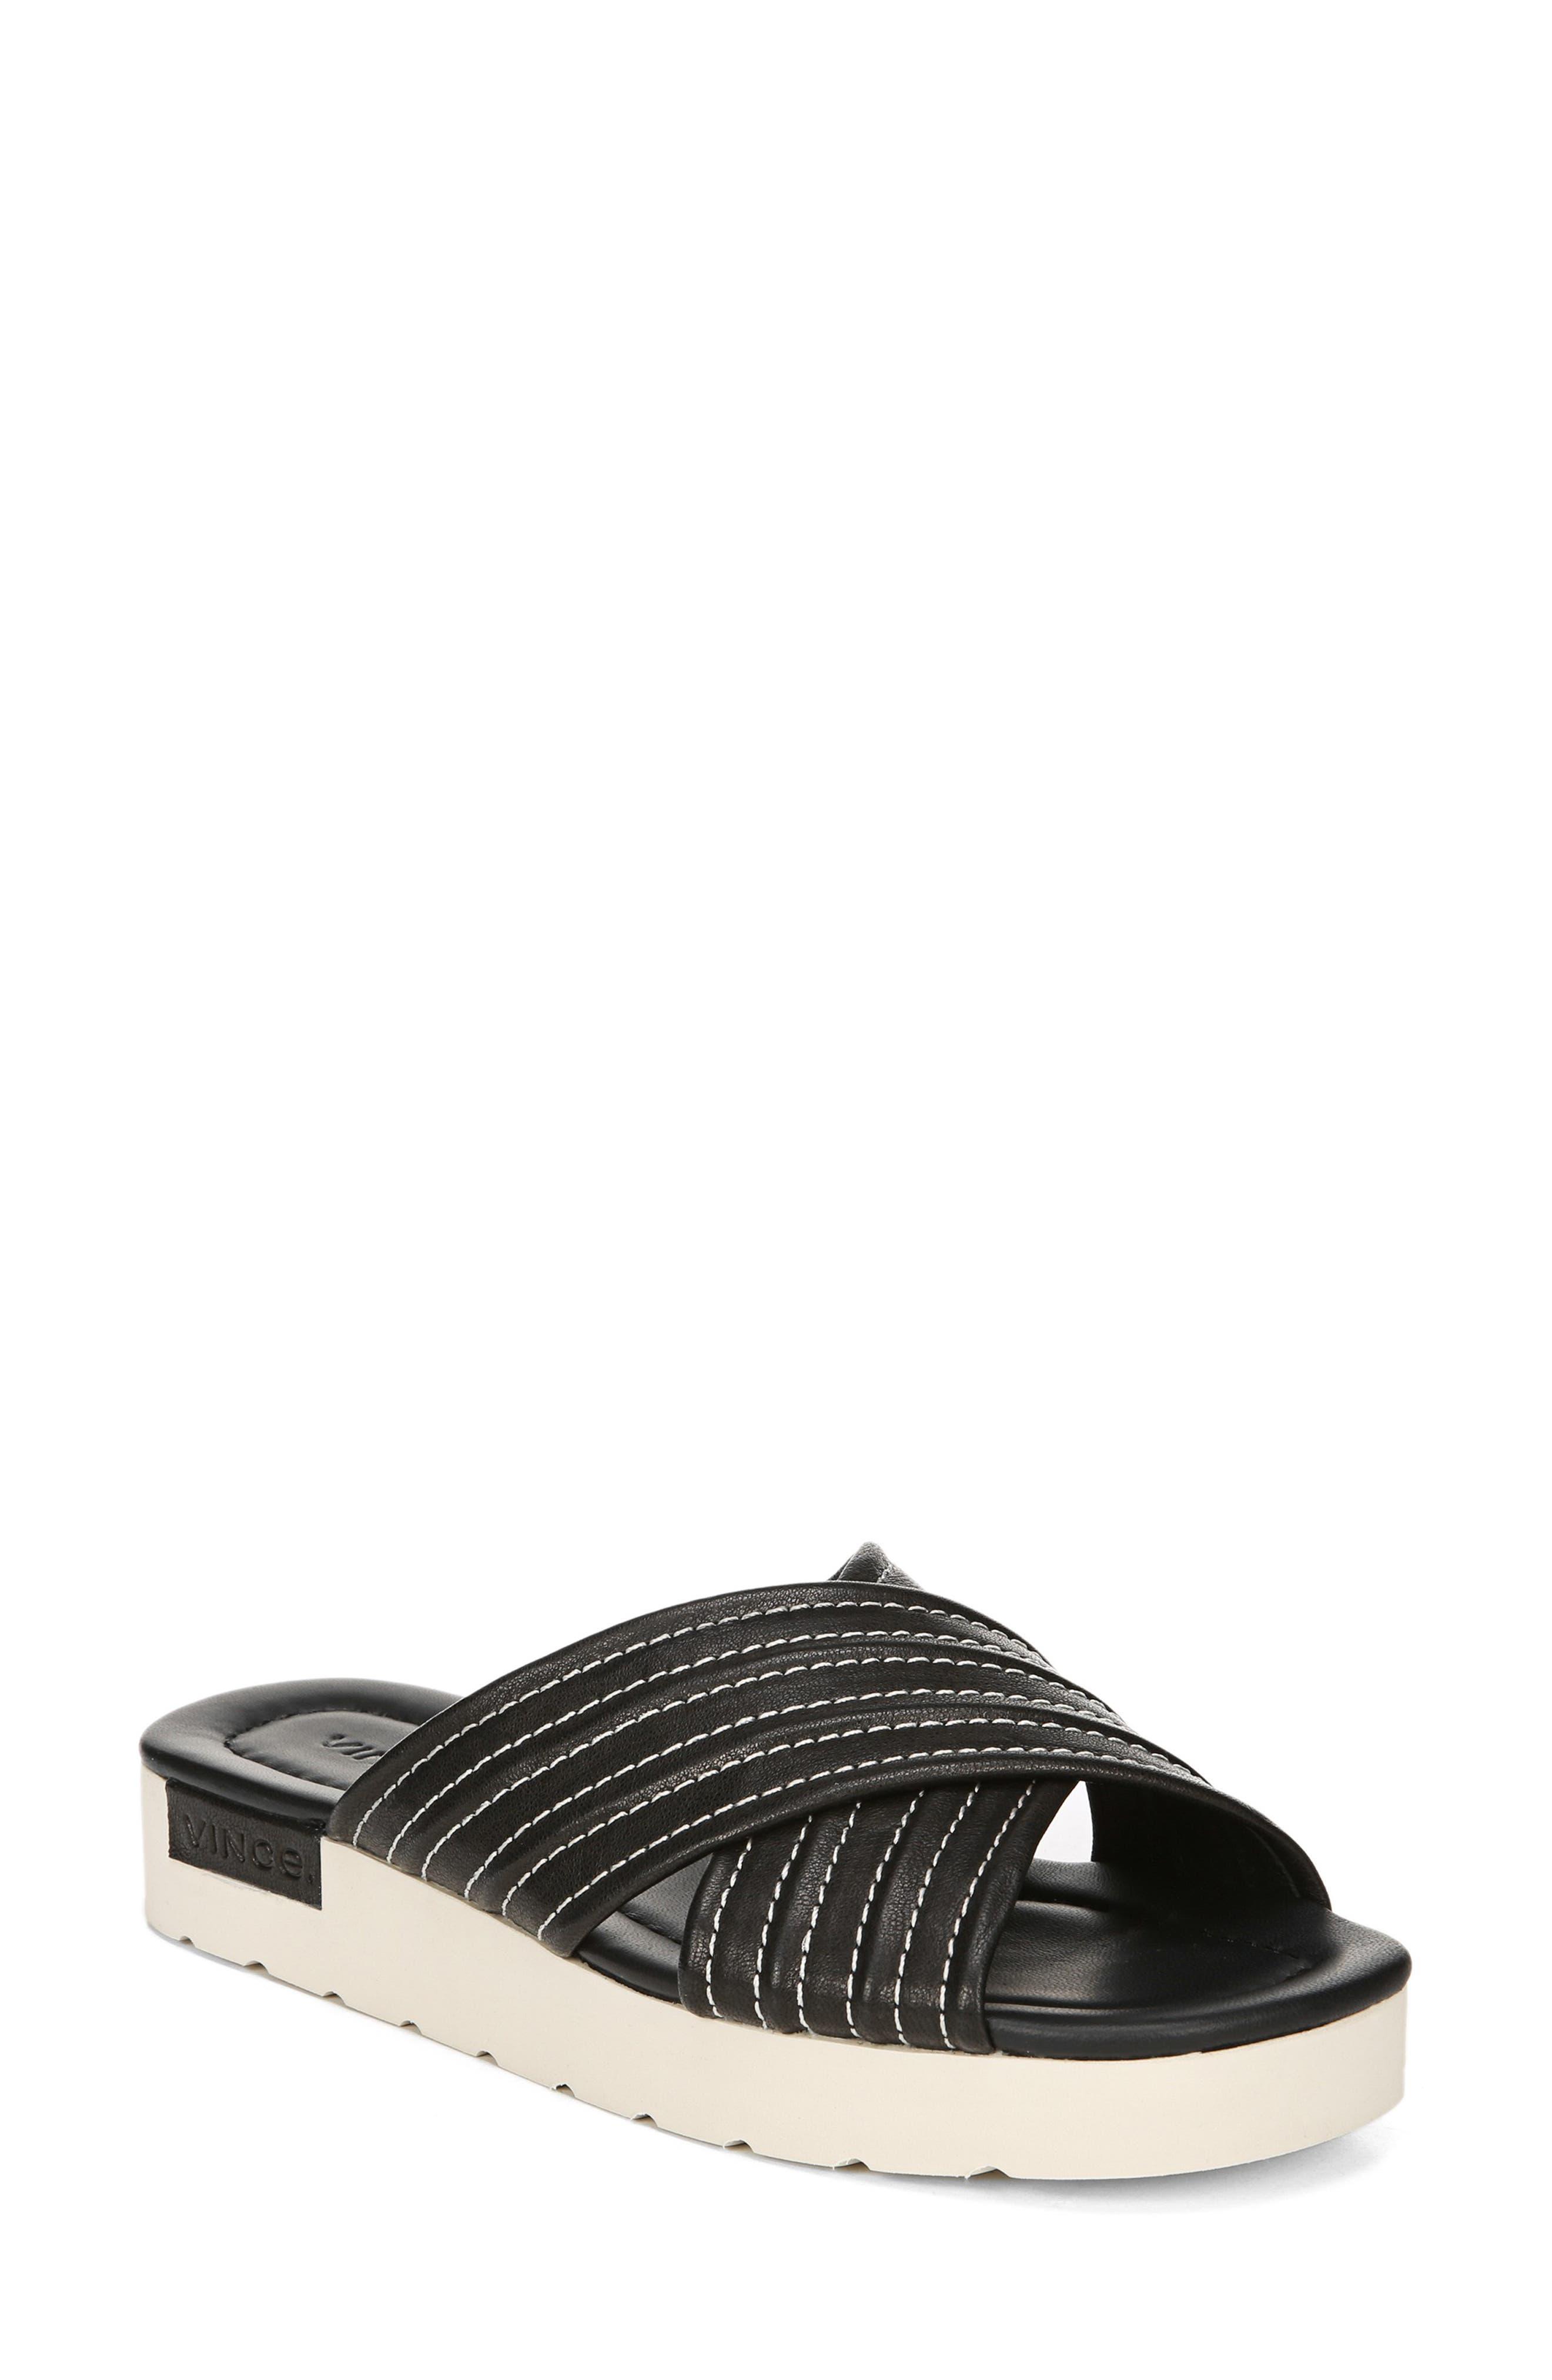 Camden Slide Sandal,                             Main thumbnail 1, color,                             BLACK